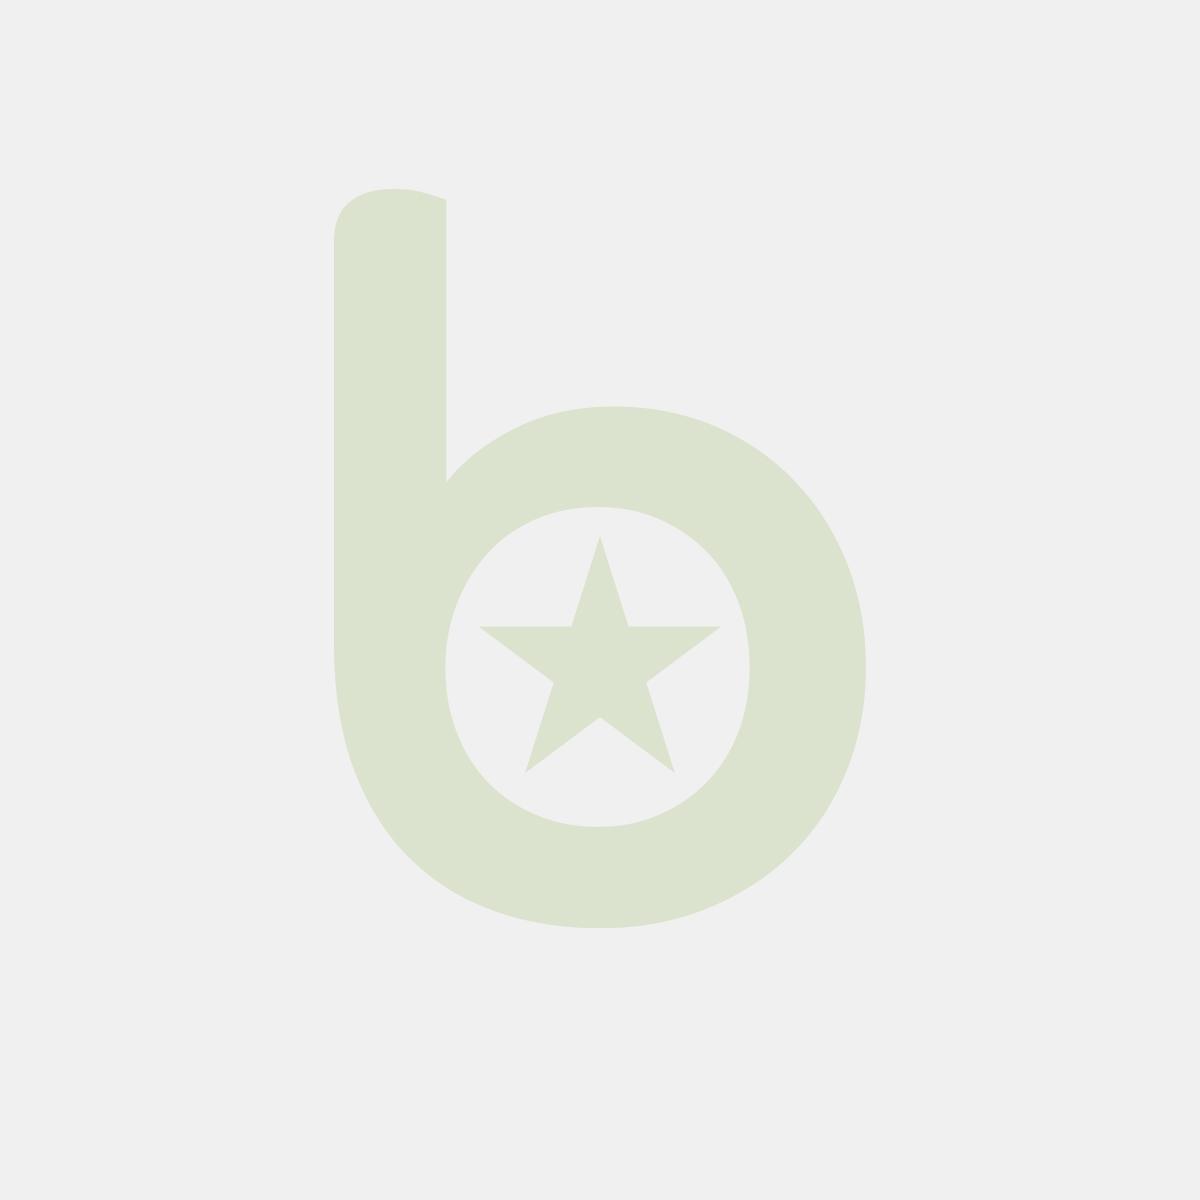 Tacka styropianowa biała nr 4S (276x183x23mm), cena za 500 sztuk